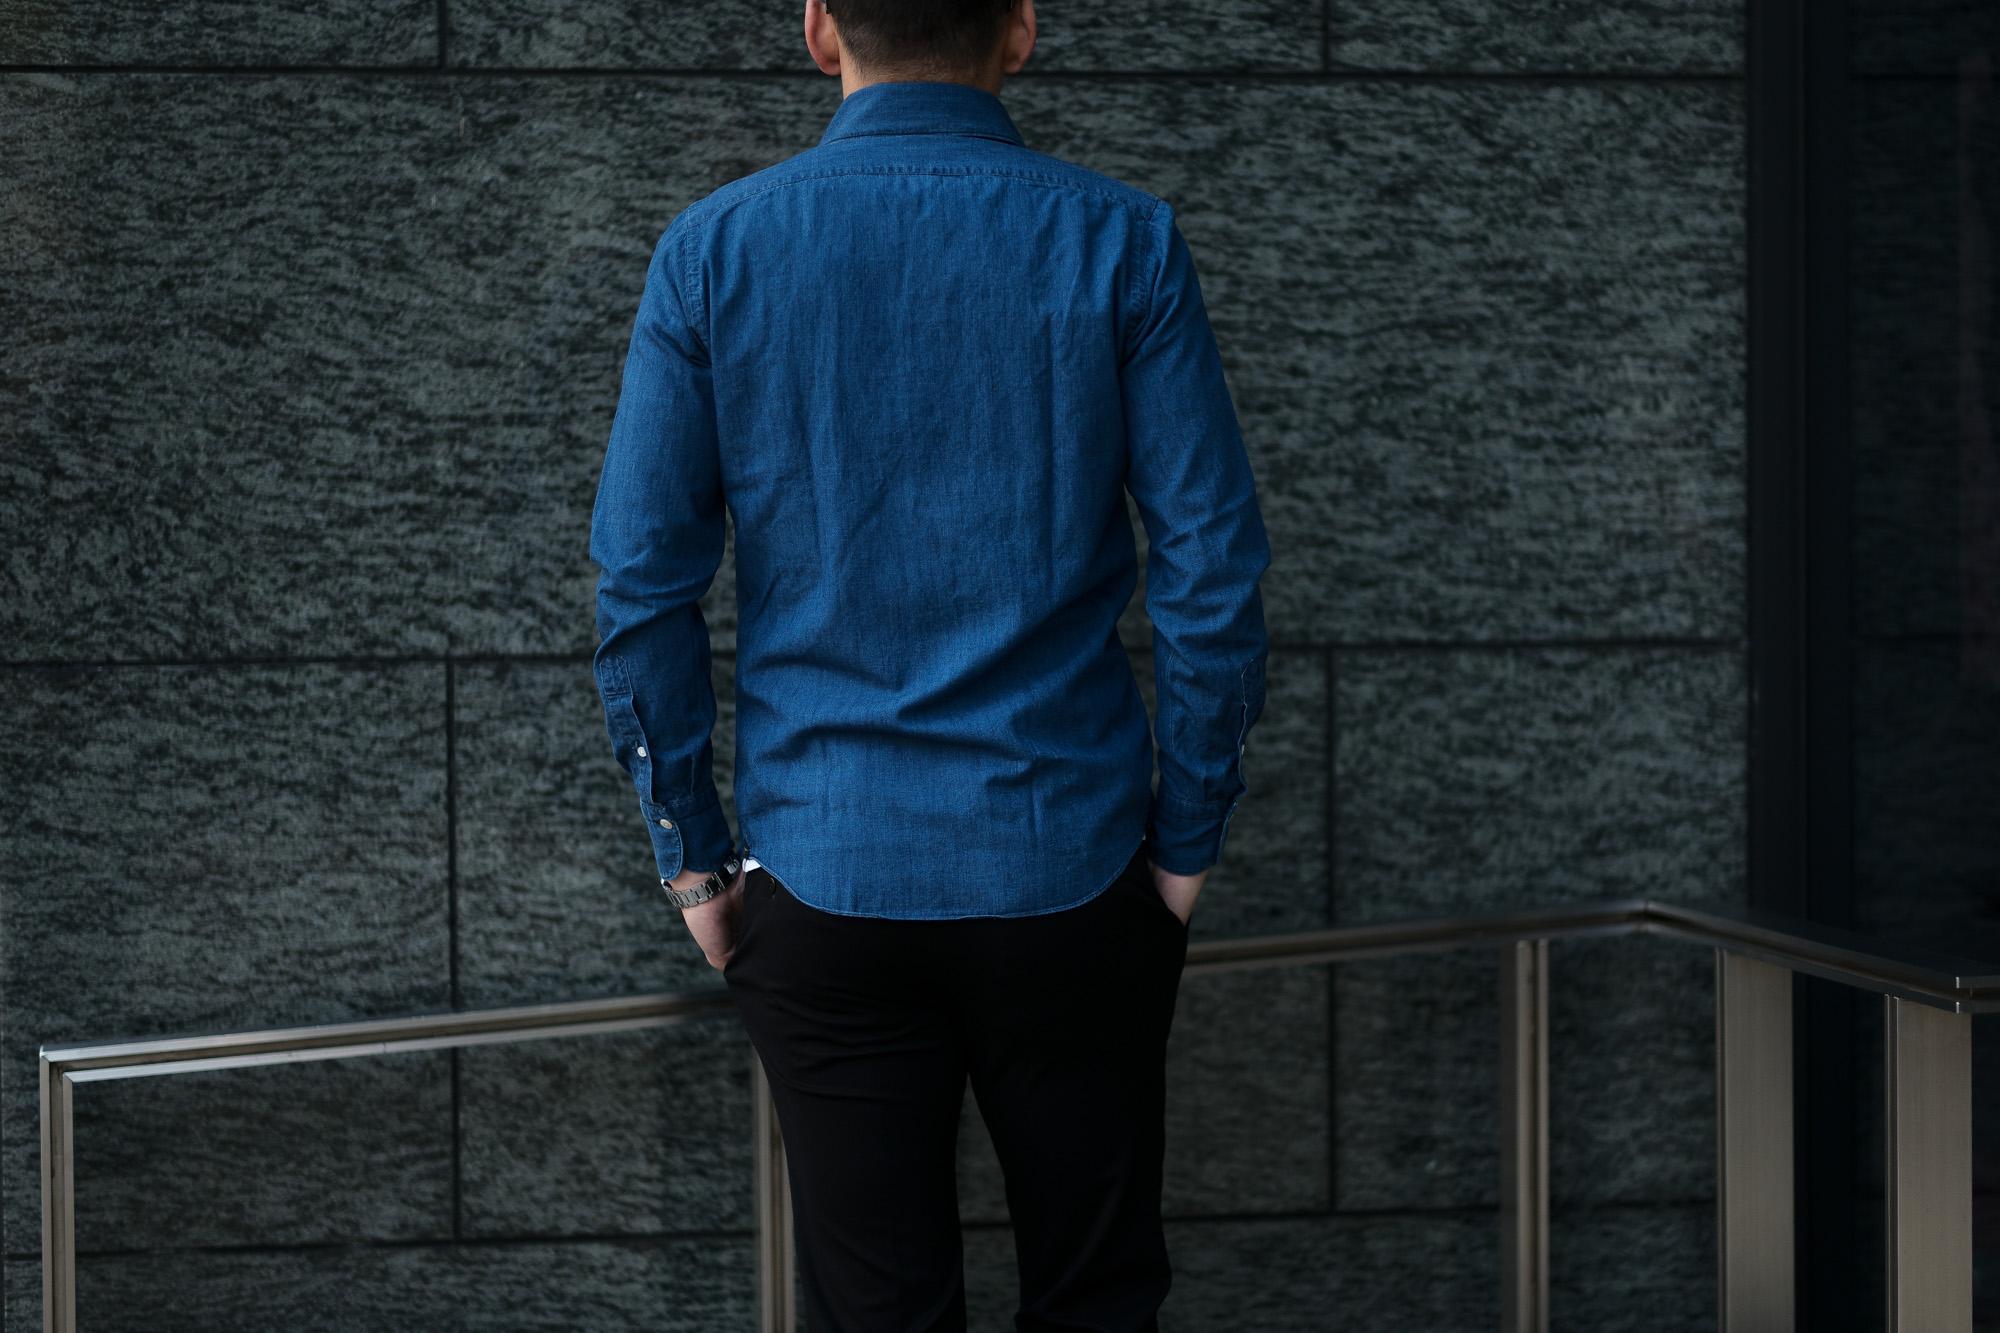 Finamore (フィナモレ) SEUL ITALIAN COLOR DENIM SHIRTS デニム ワンピースカラー シャツ BLEACH (ブリーチ・01) made in italy (イタリア製) 2020春夏新作 愛知 名古屋 altoediritto アルトエデリット デニムシャツ